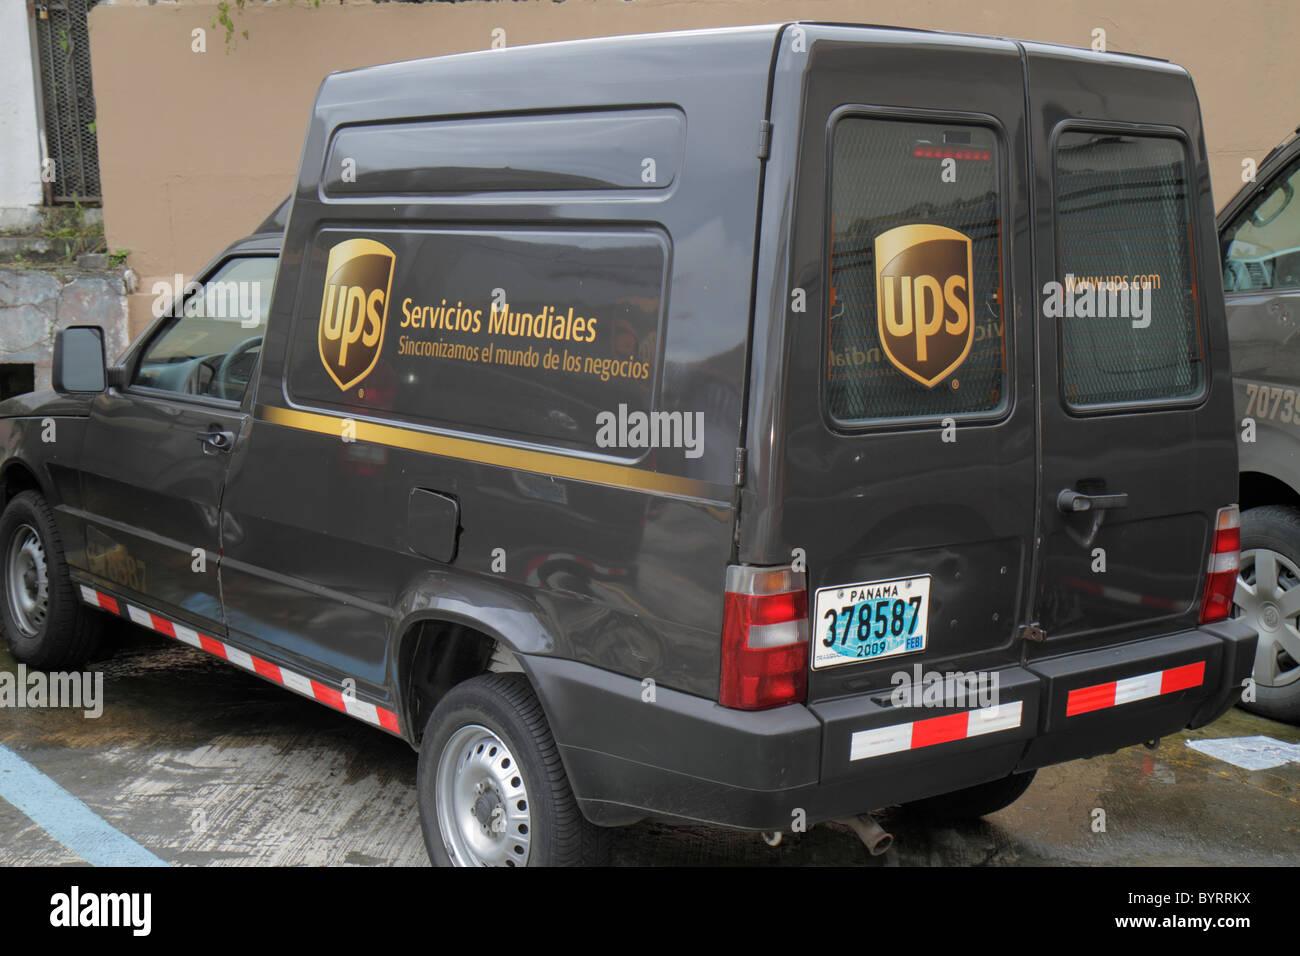 Città di Panama Panama Bella Vista UPS United Parcel Service business pacchetto corriere consegna spedizione Immagini Stock